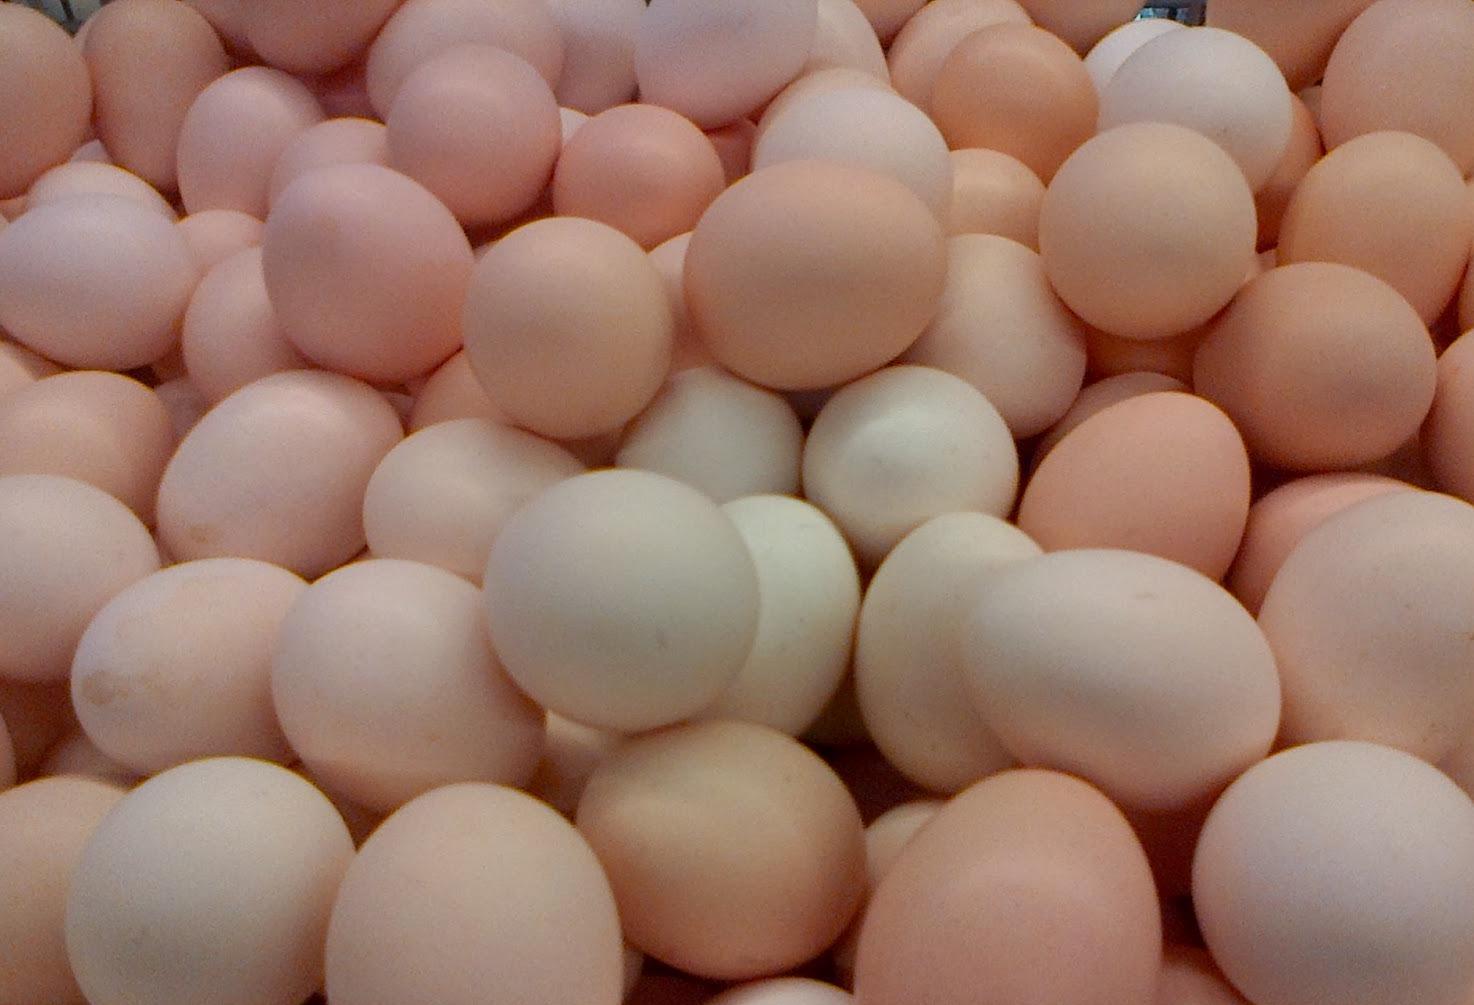 Manfaat Telur Asin Untuk Diet Sehat dan Alami